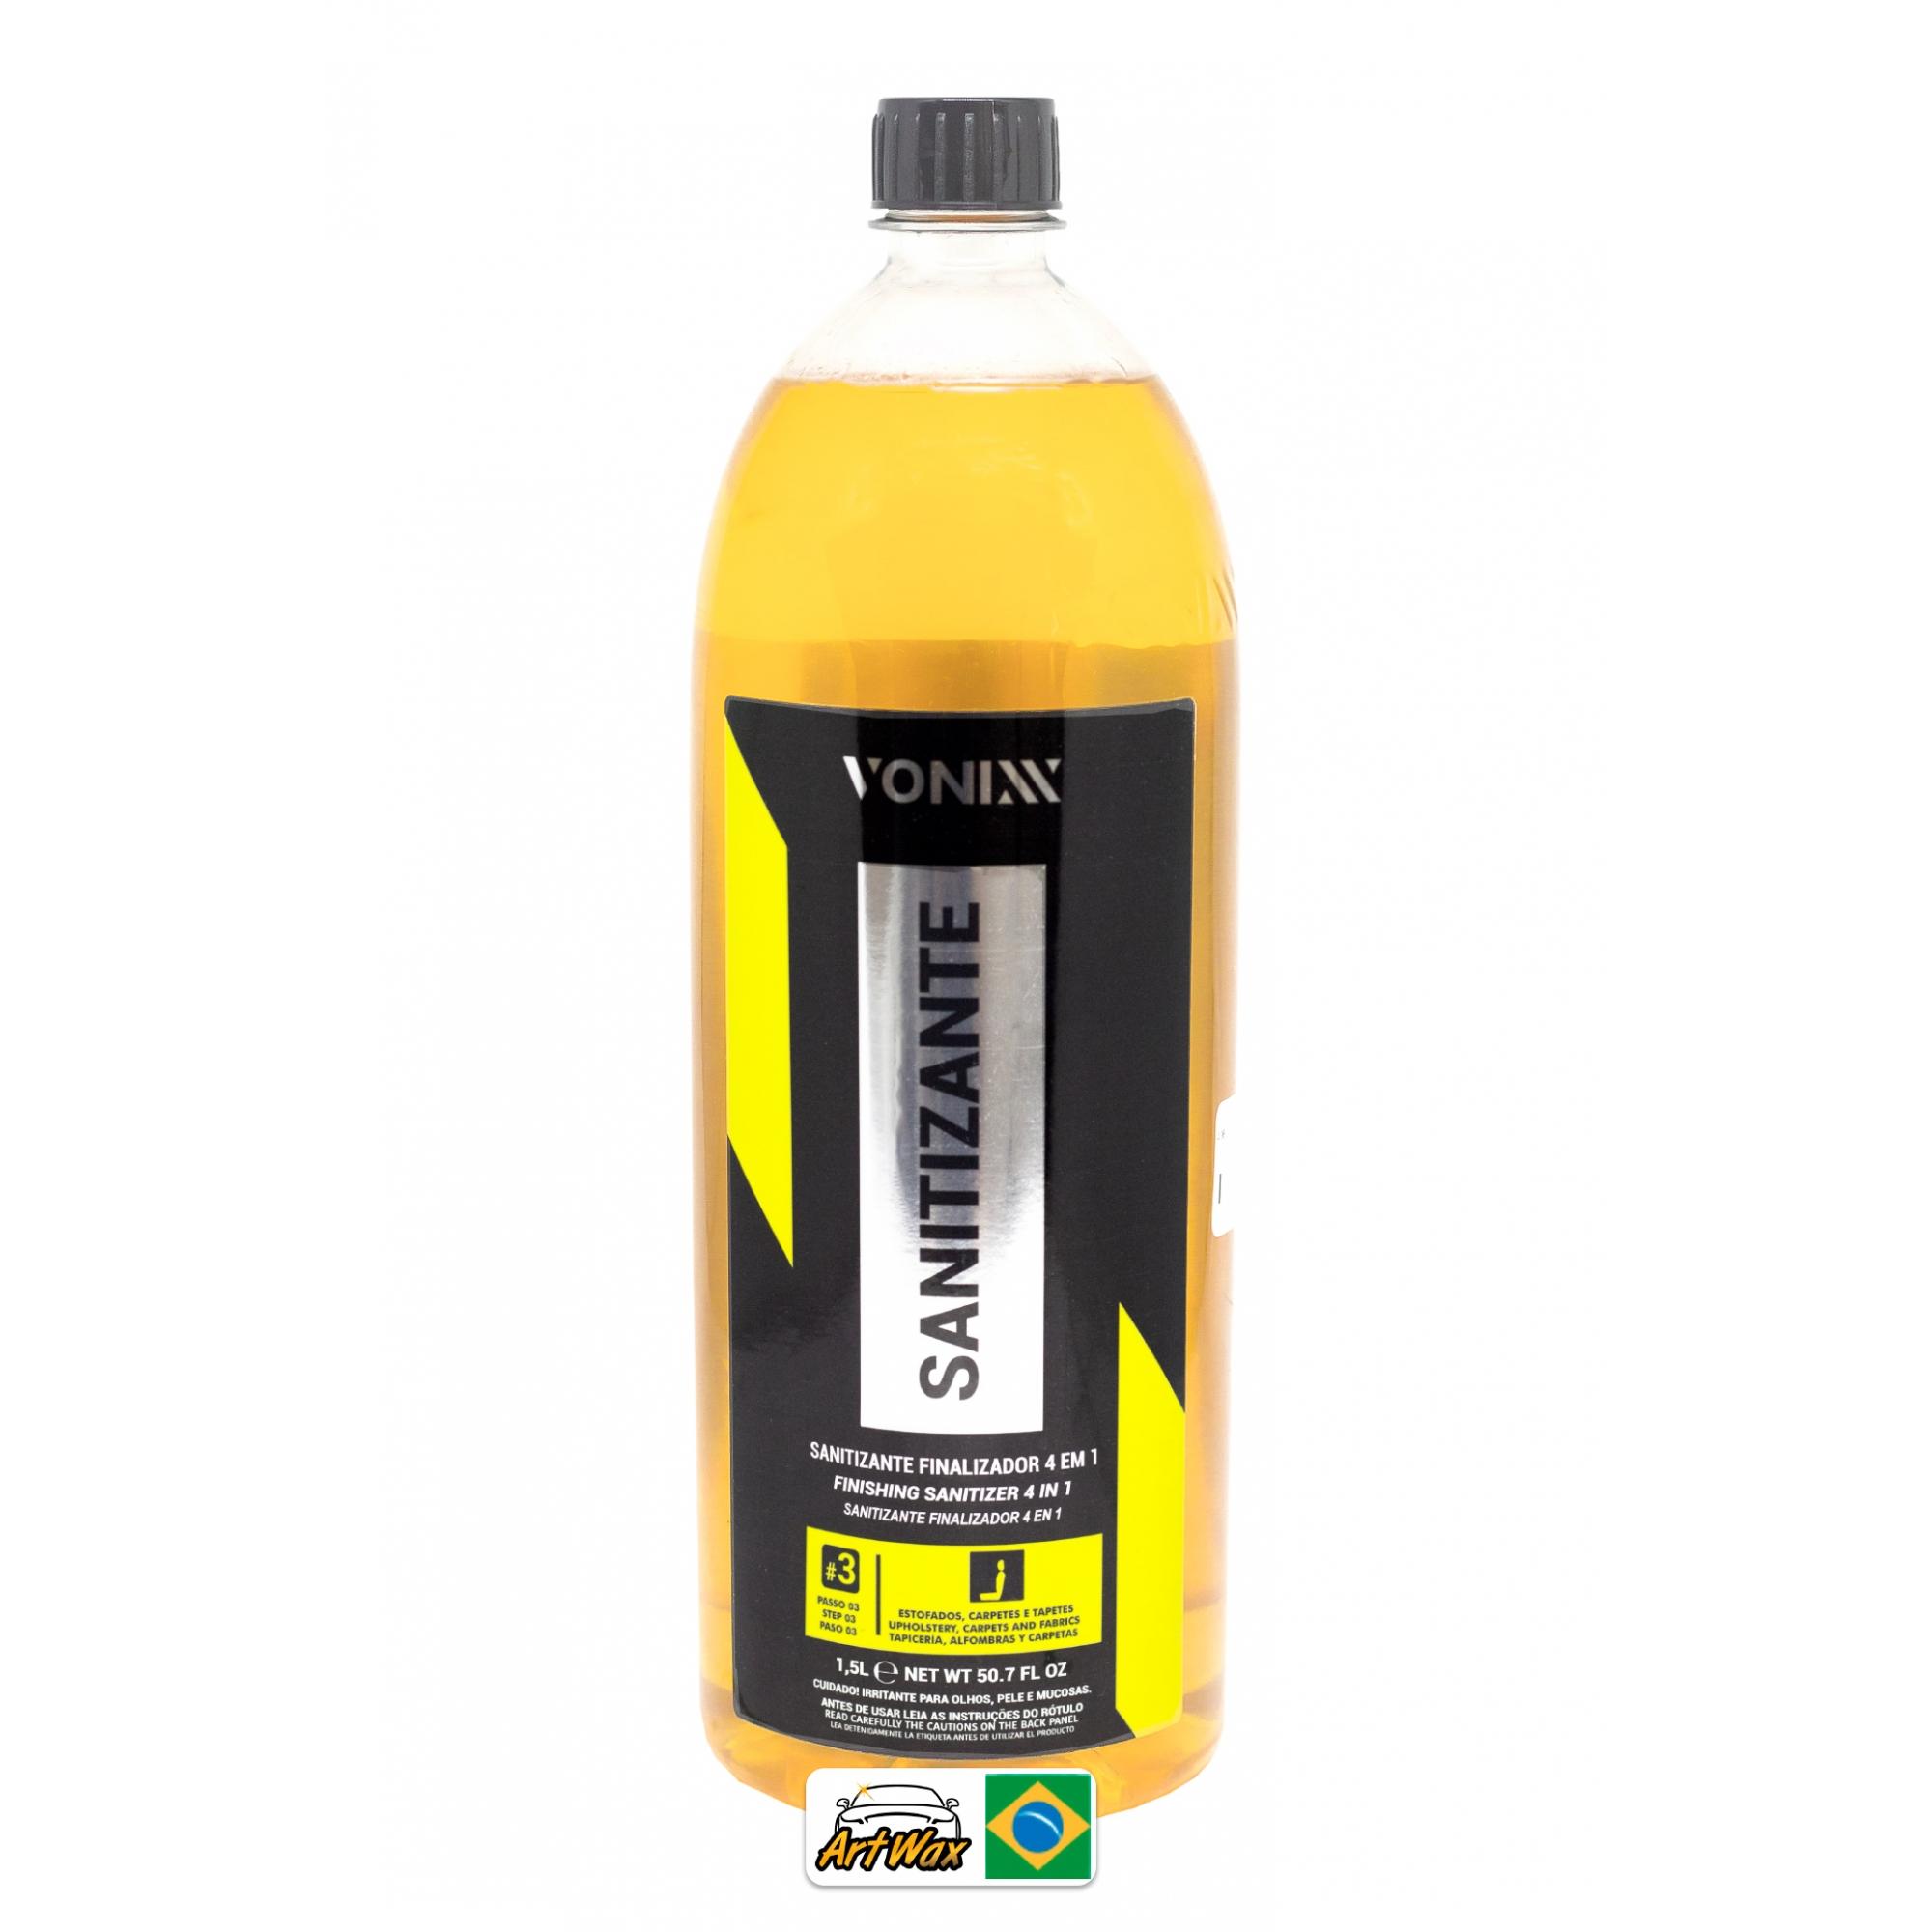 Vonixx Sanitizante Finalizador 1,5L - Estofados e Carpetes = VSC 3